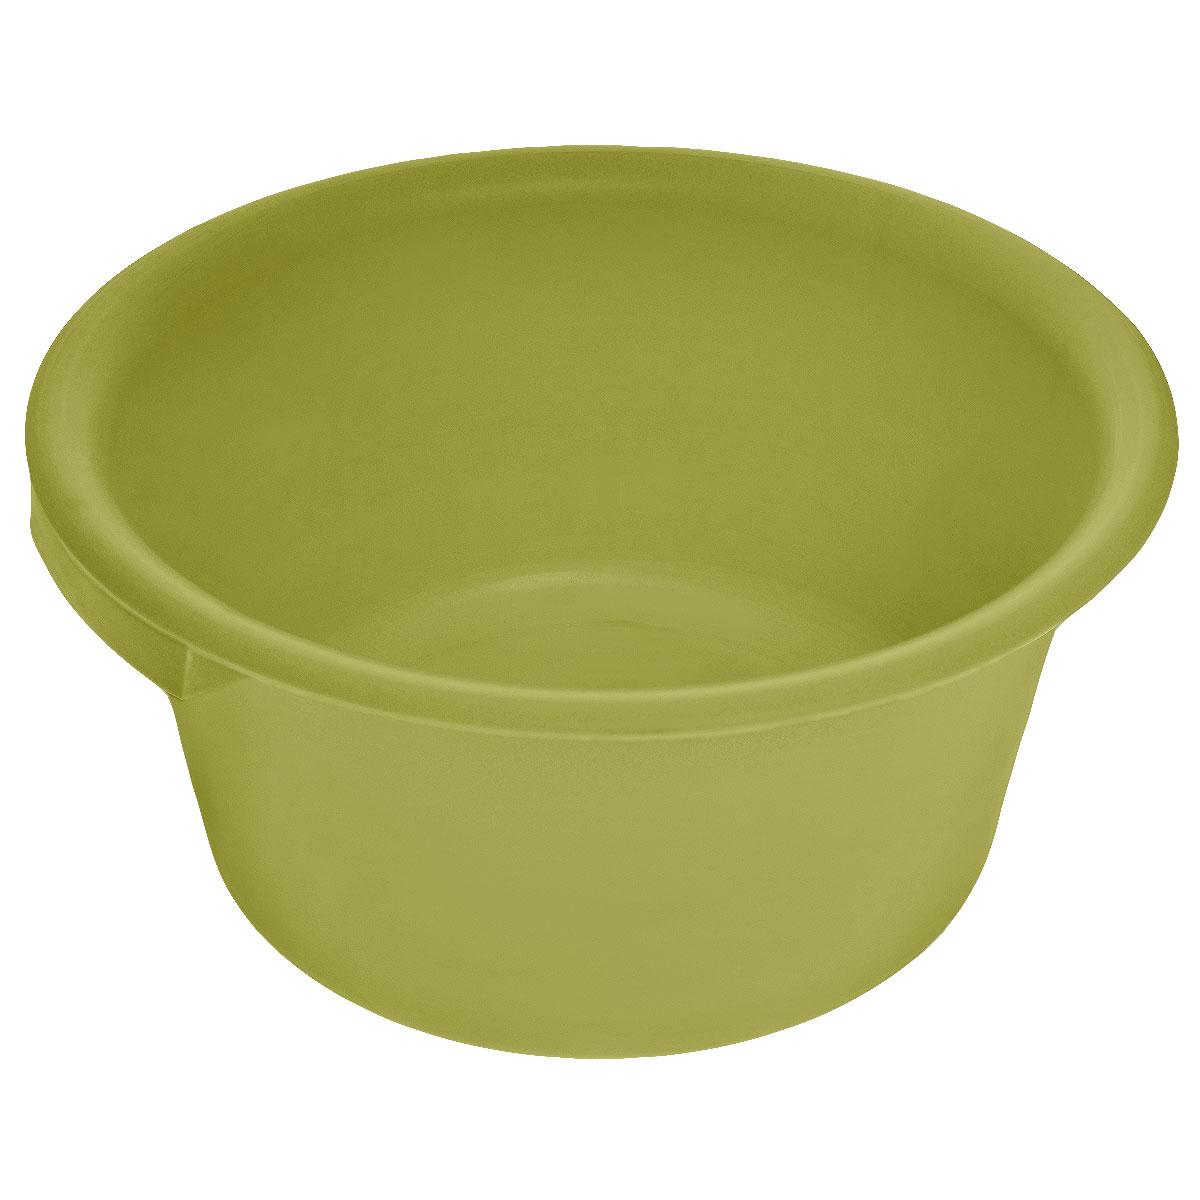 Таз хозяйственный Альтернатива, цвет: оливковый, 9 лМ1106оливковыйТаз Альтернатива изготовлен из высококачественного пластика. Он выполнен в классическом круглом варианте. Для удобного использования изделие снабжено двумя ручками. Таз предназначен для стирки и хранения разных вещей. Он пригодится в любом хозяйстве.Объем: 9 л. Диаметр (по верхнему краю): 35 см.Высота: 15,5 см.